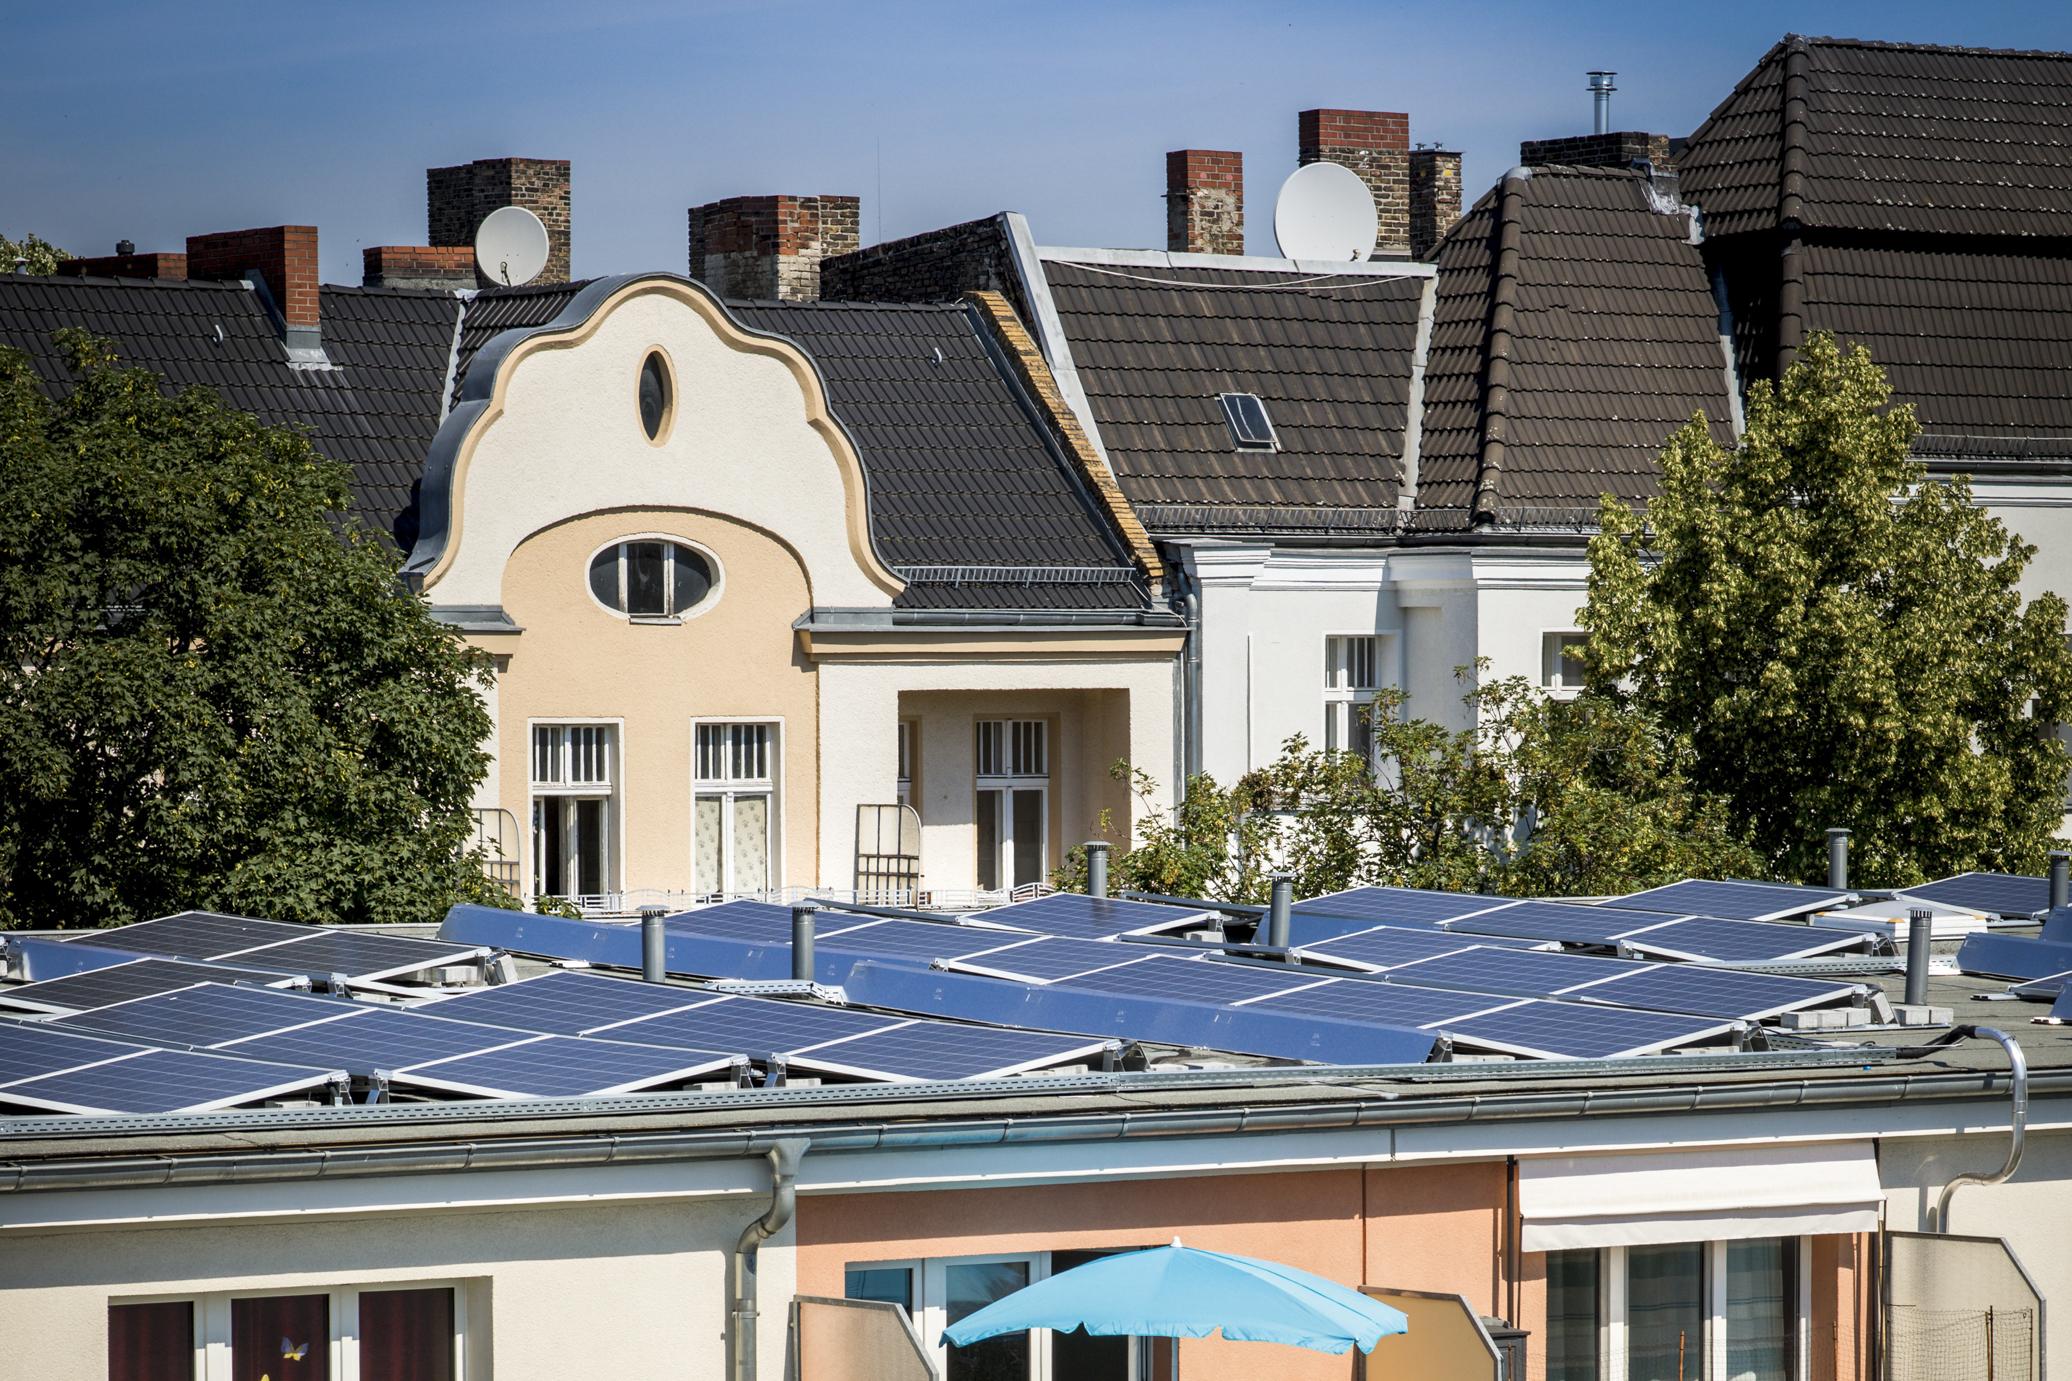 PV Anlagen auf dem Dach eines Mietshauses in Berlin Neukölln